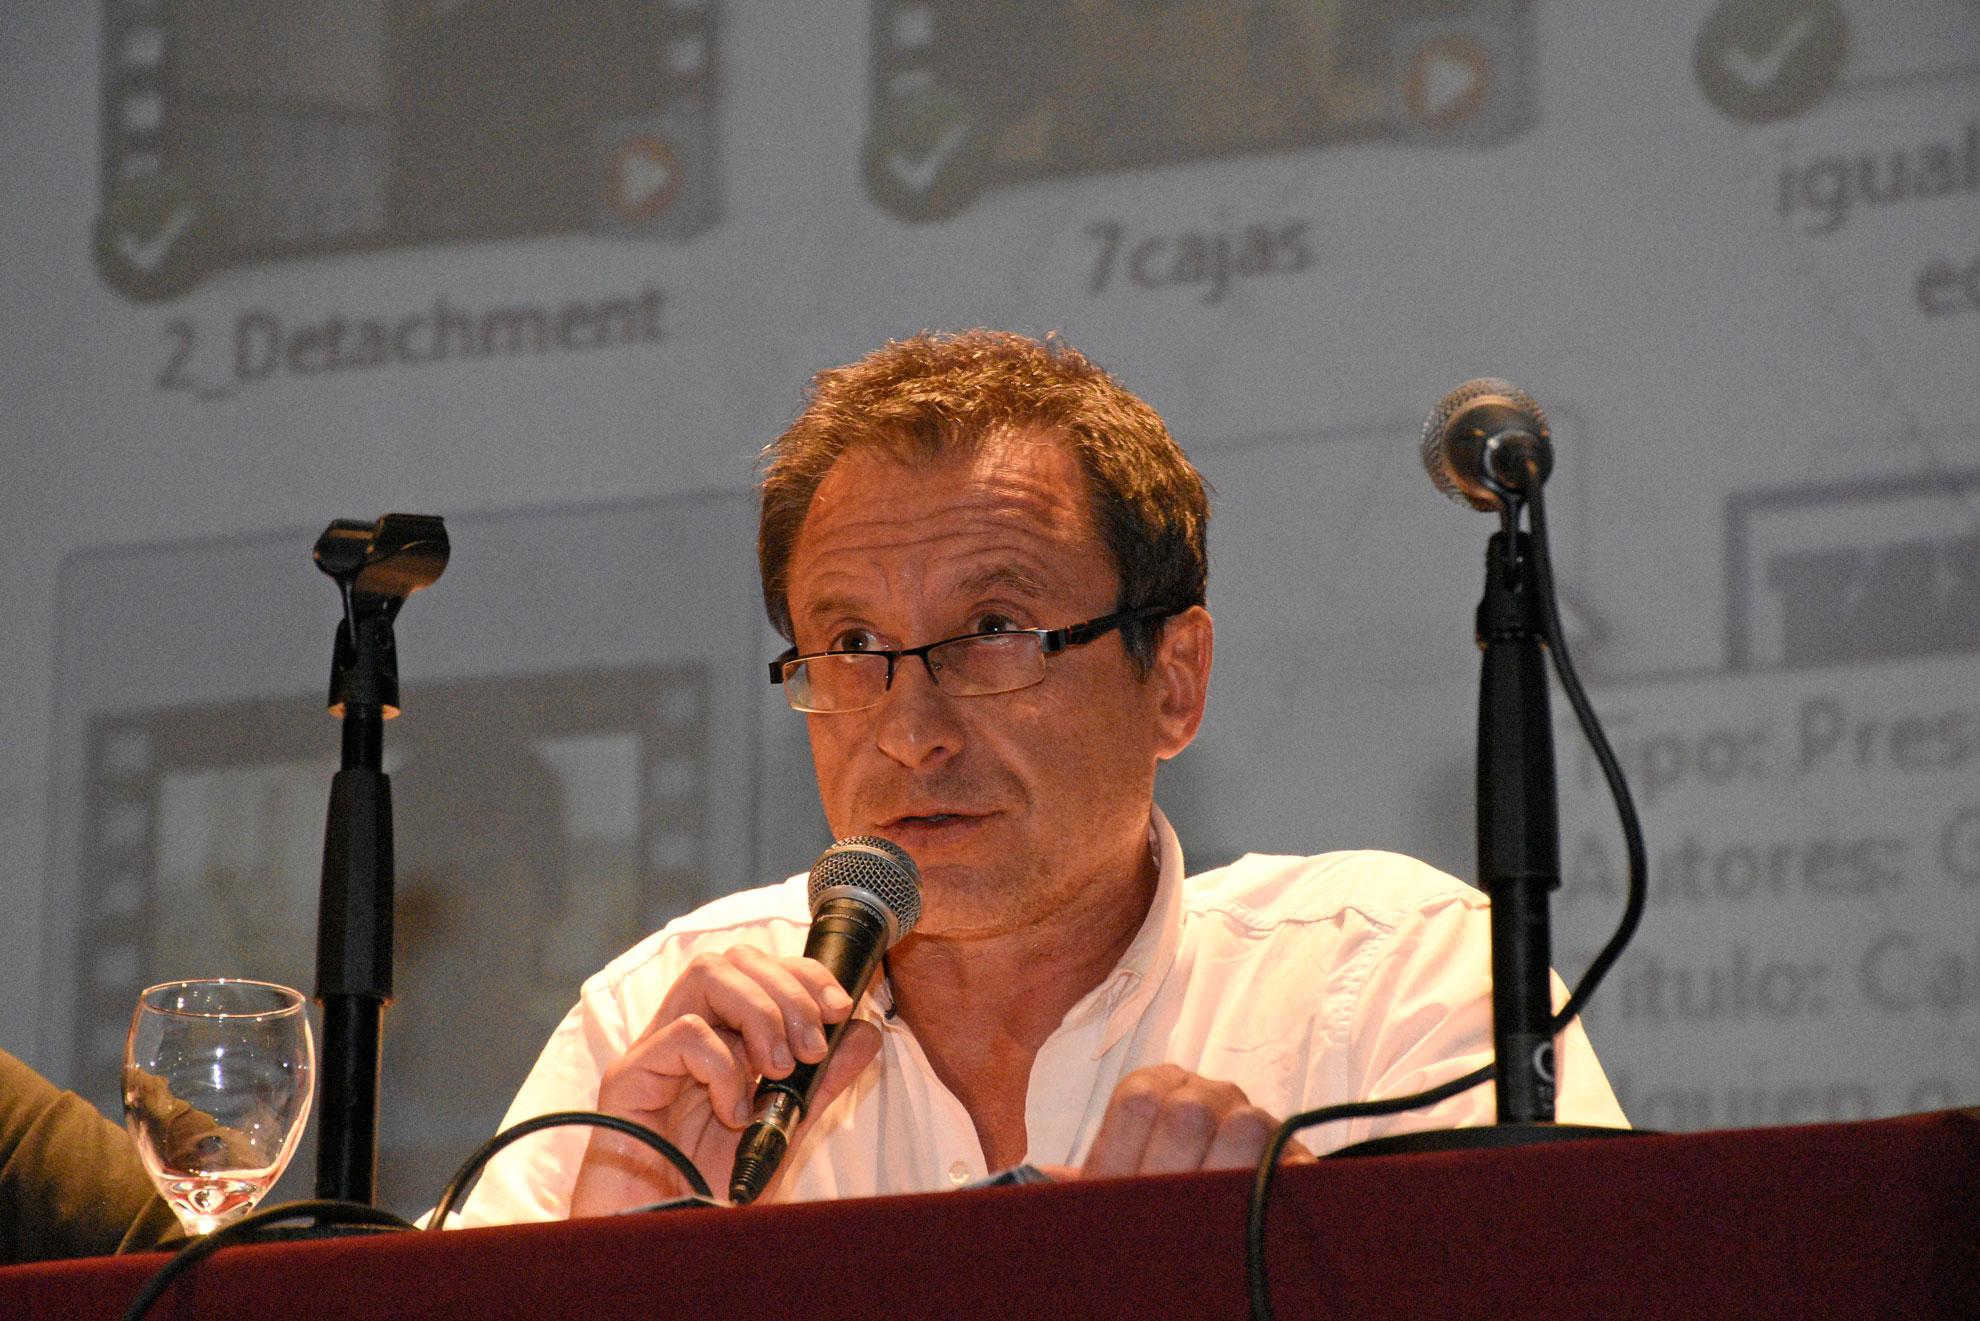 Marcelo Krichesky